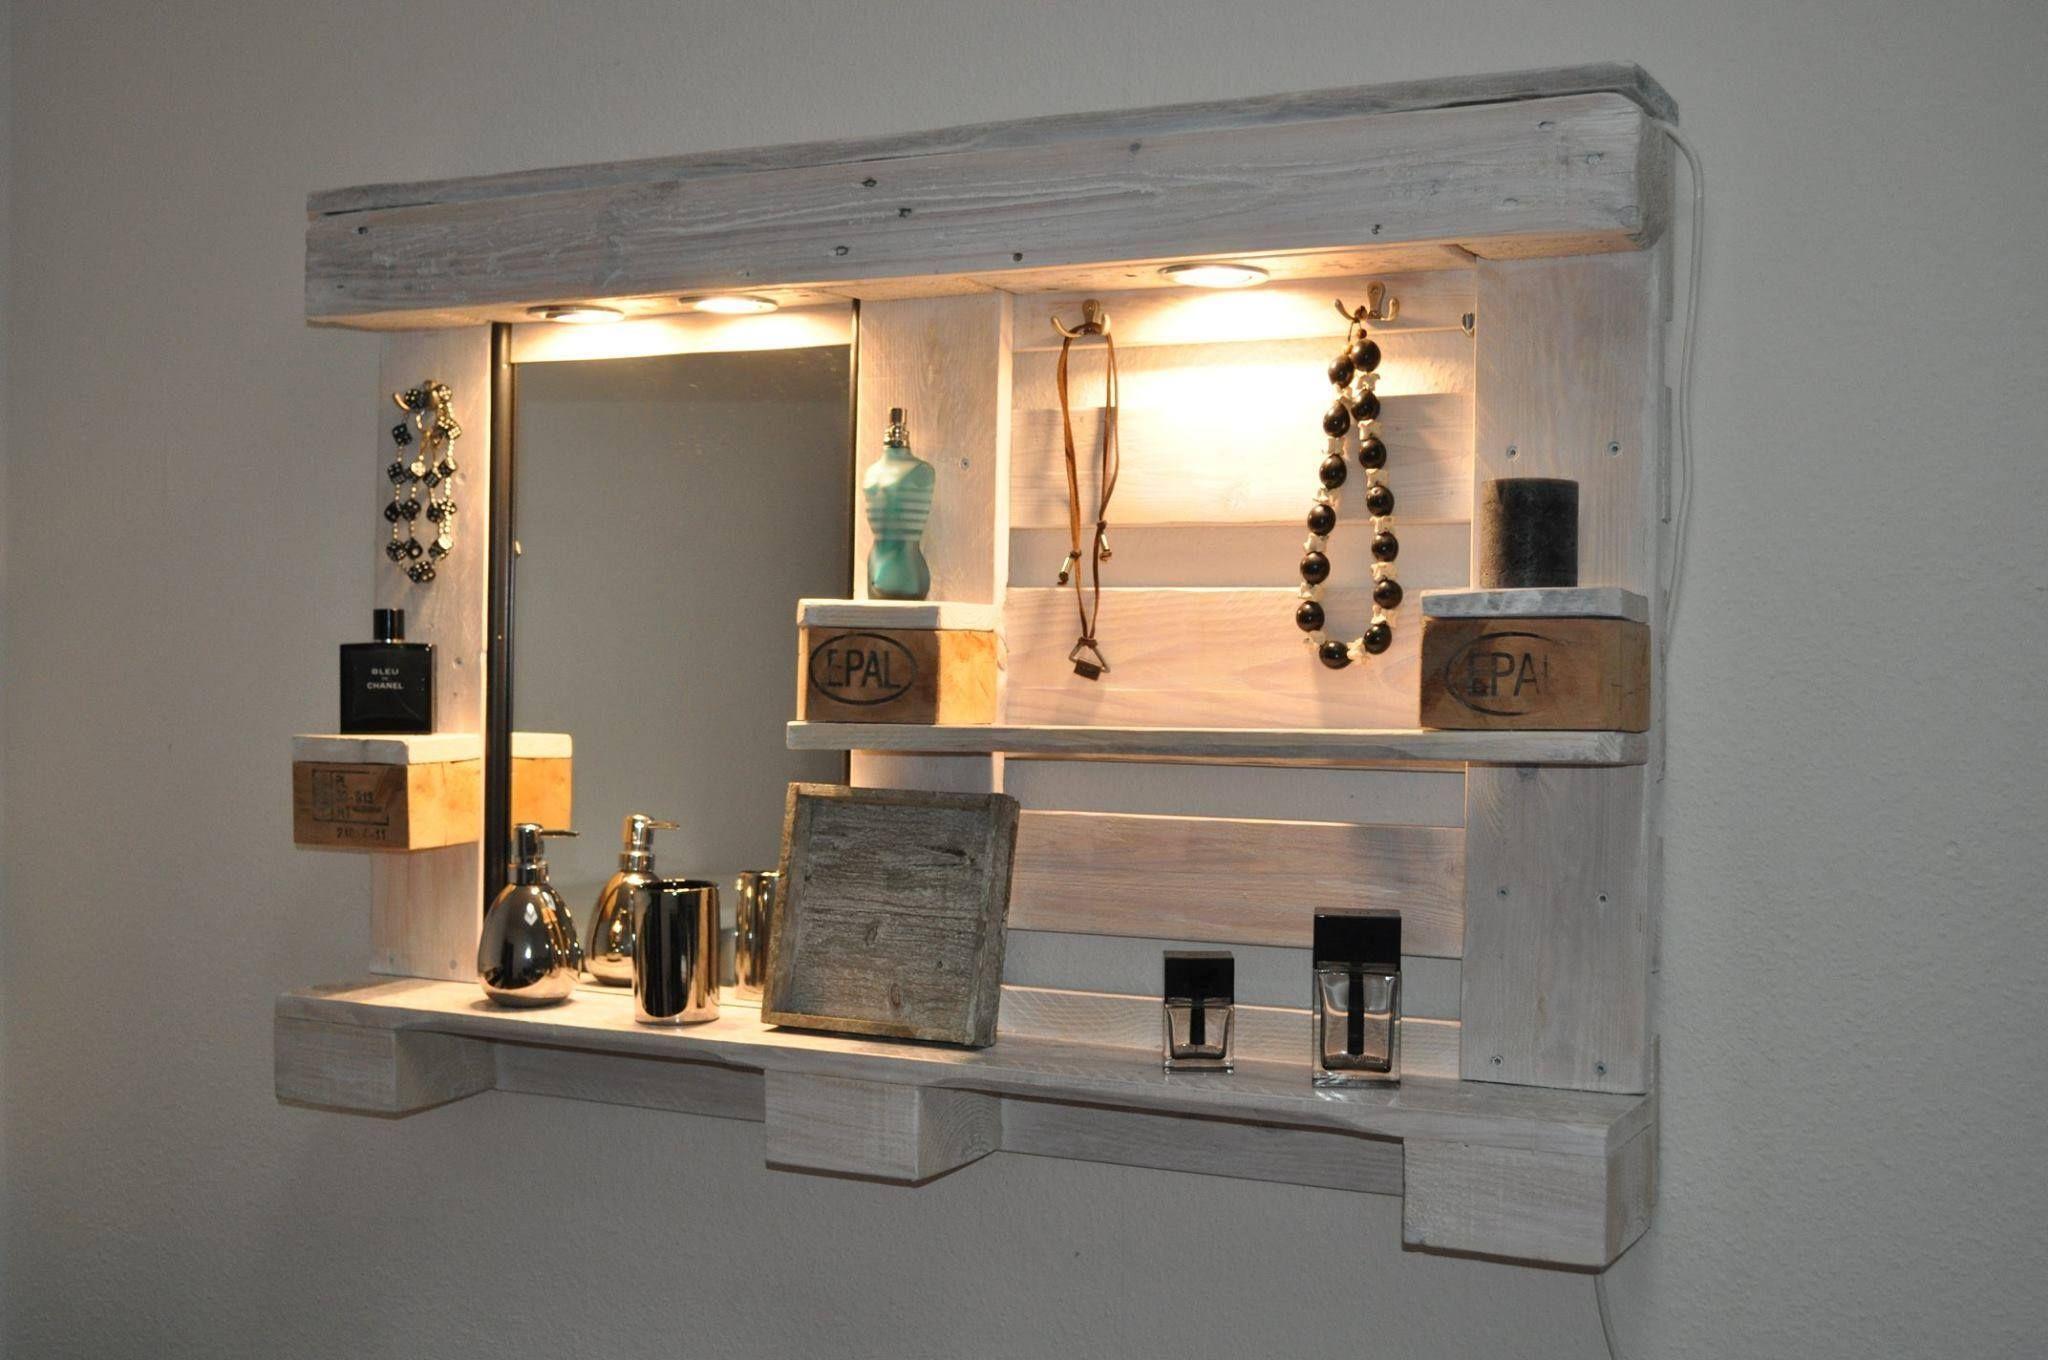 Palettenmöbel Spiegelschrank Weiß Schminktisch   Wunderschöner  Spiegelschrank Und Schminktisch Aus Alten Und Gebrauchten Paletten.